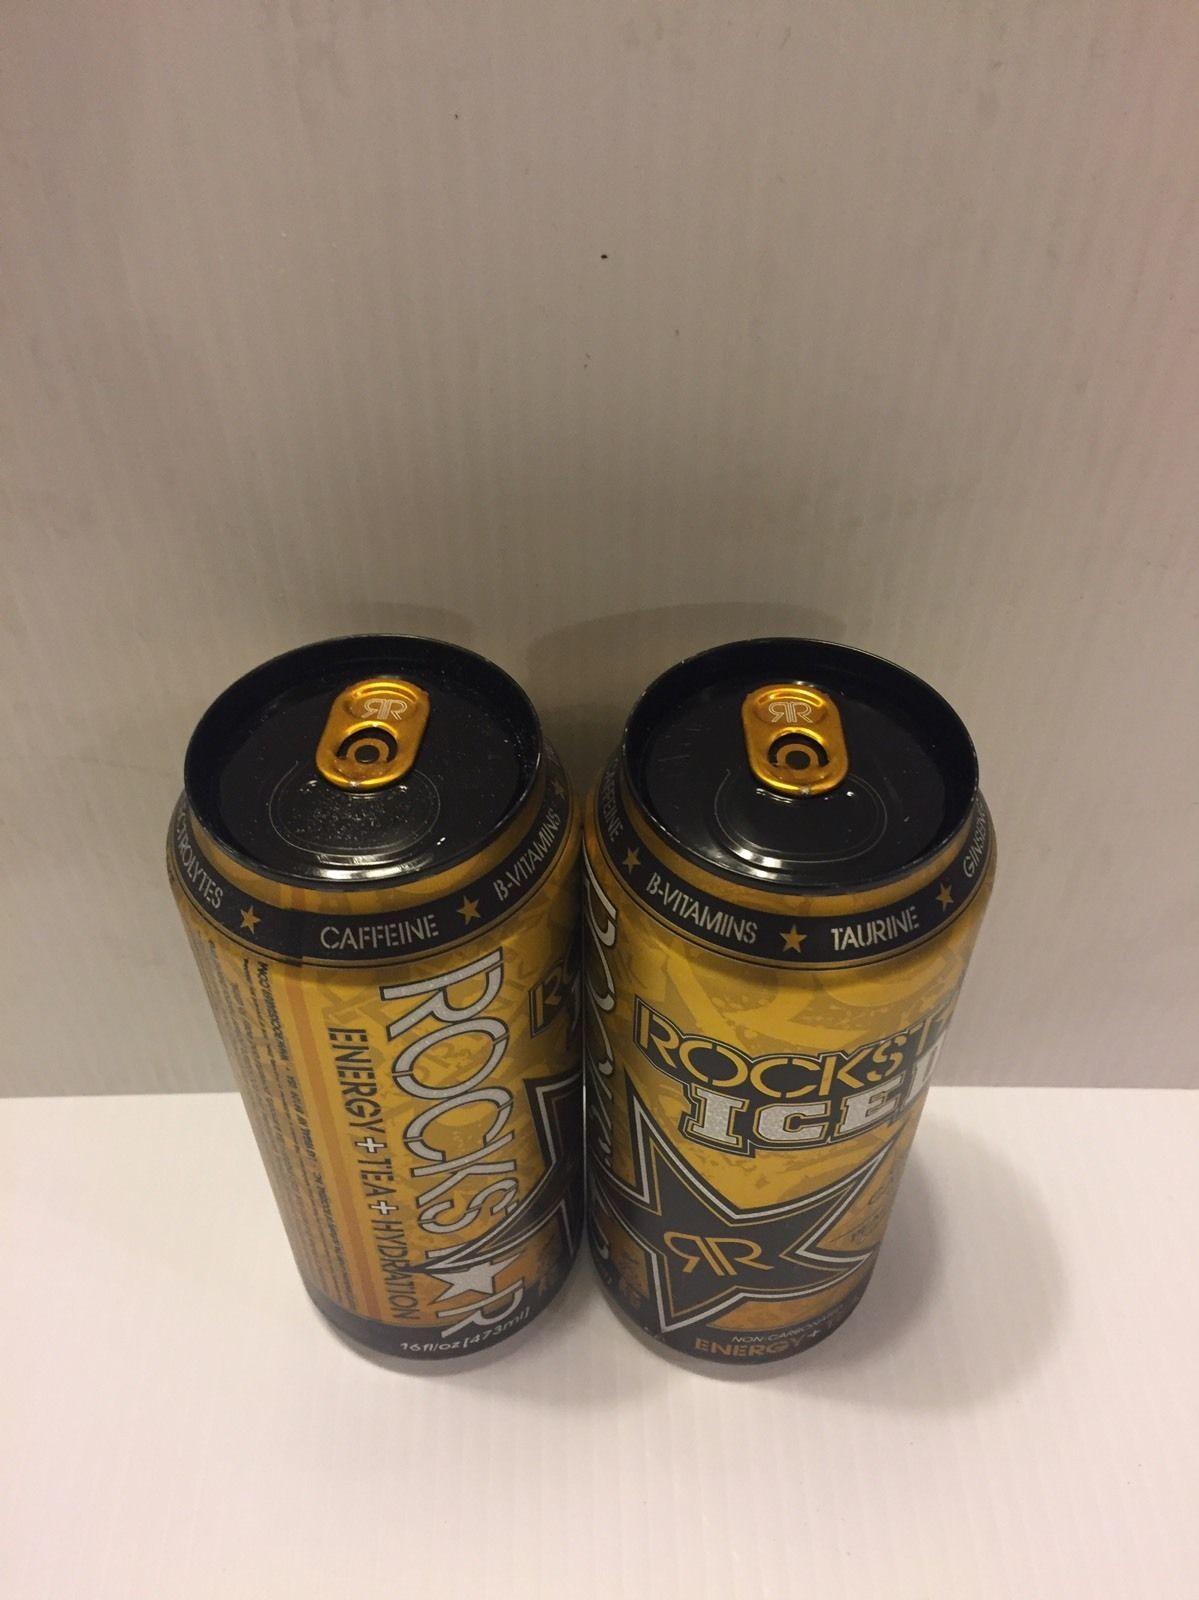 Rockstar Energy Drink Iced Peach+Tea. 2 X Discontinued Rare Cans Lot